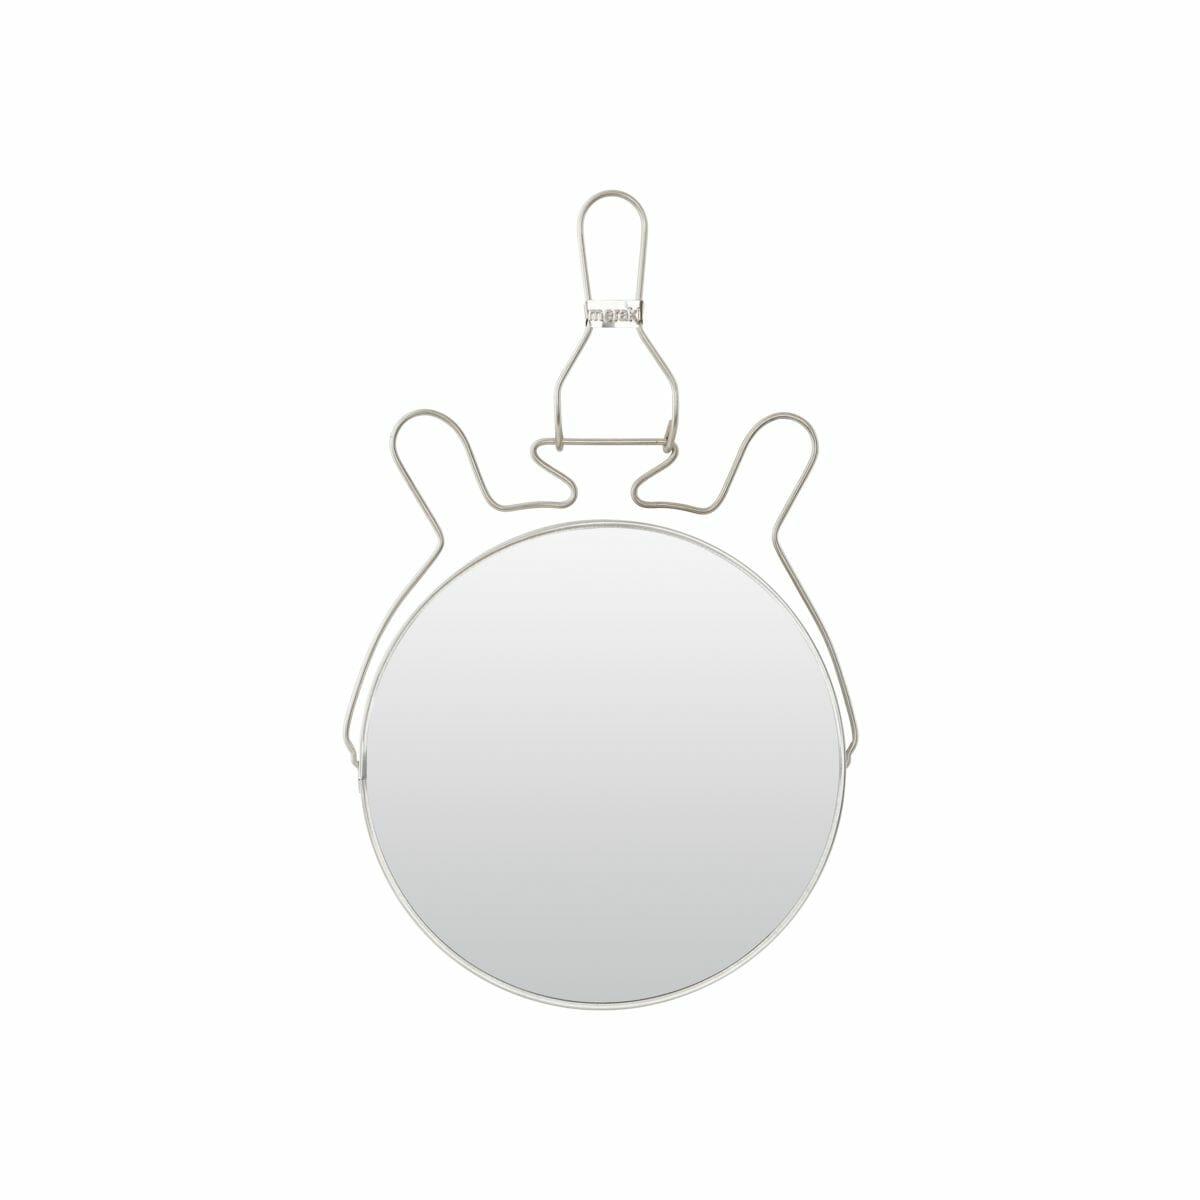 Zrcadlo Meraki